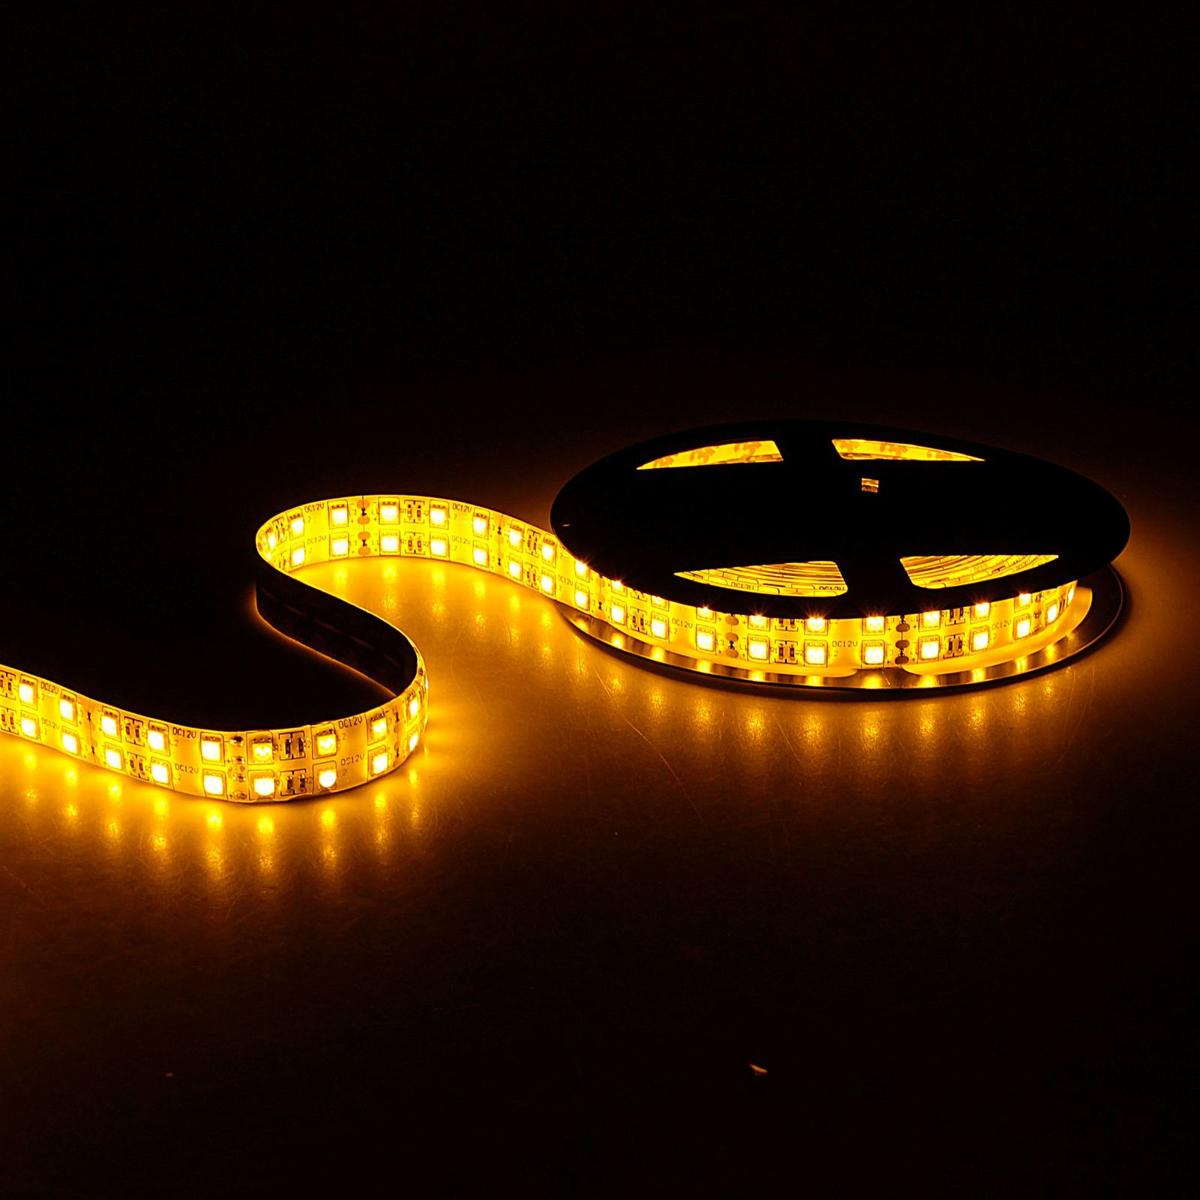 Светодиодная лента Sima-land, 12В, SMD5050, длина 5 м, IP65, 120 LED ламп, 28.8 Вт/м, 10-12 Лм/1 LED, DC, цвет: желтый848561Светодиодные гирлянды, ленты и т.д — это отличный вариант для новогоднего оформления интерьера или фасада. С их помощью помещение любого размера можно превратить в праздничный зал, а внешние элементы зданий, украшенные ими, мгновенно станут напоминать очертания сказочного дворца. Такие украшения создают ауру предвкушения чуда. Деревья, фасады, витрины, окна и арки будто специально созданы, чтобы вы украсили их светящимися нитями.